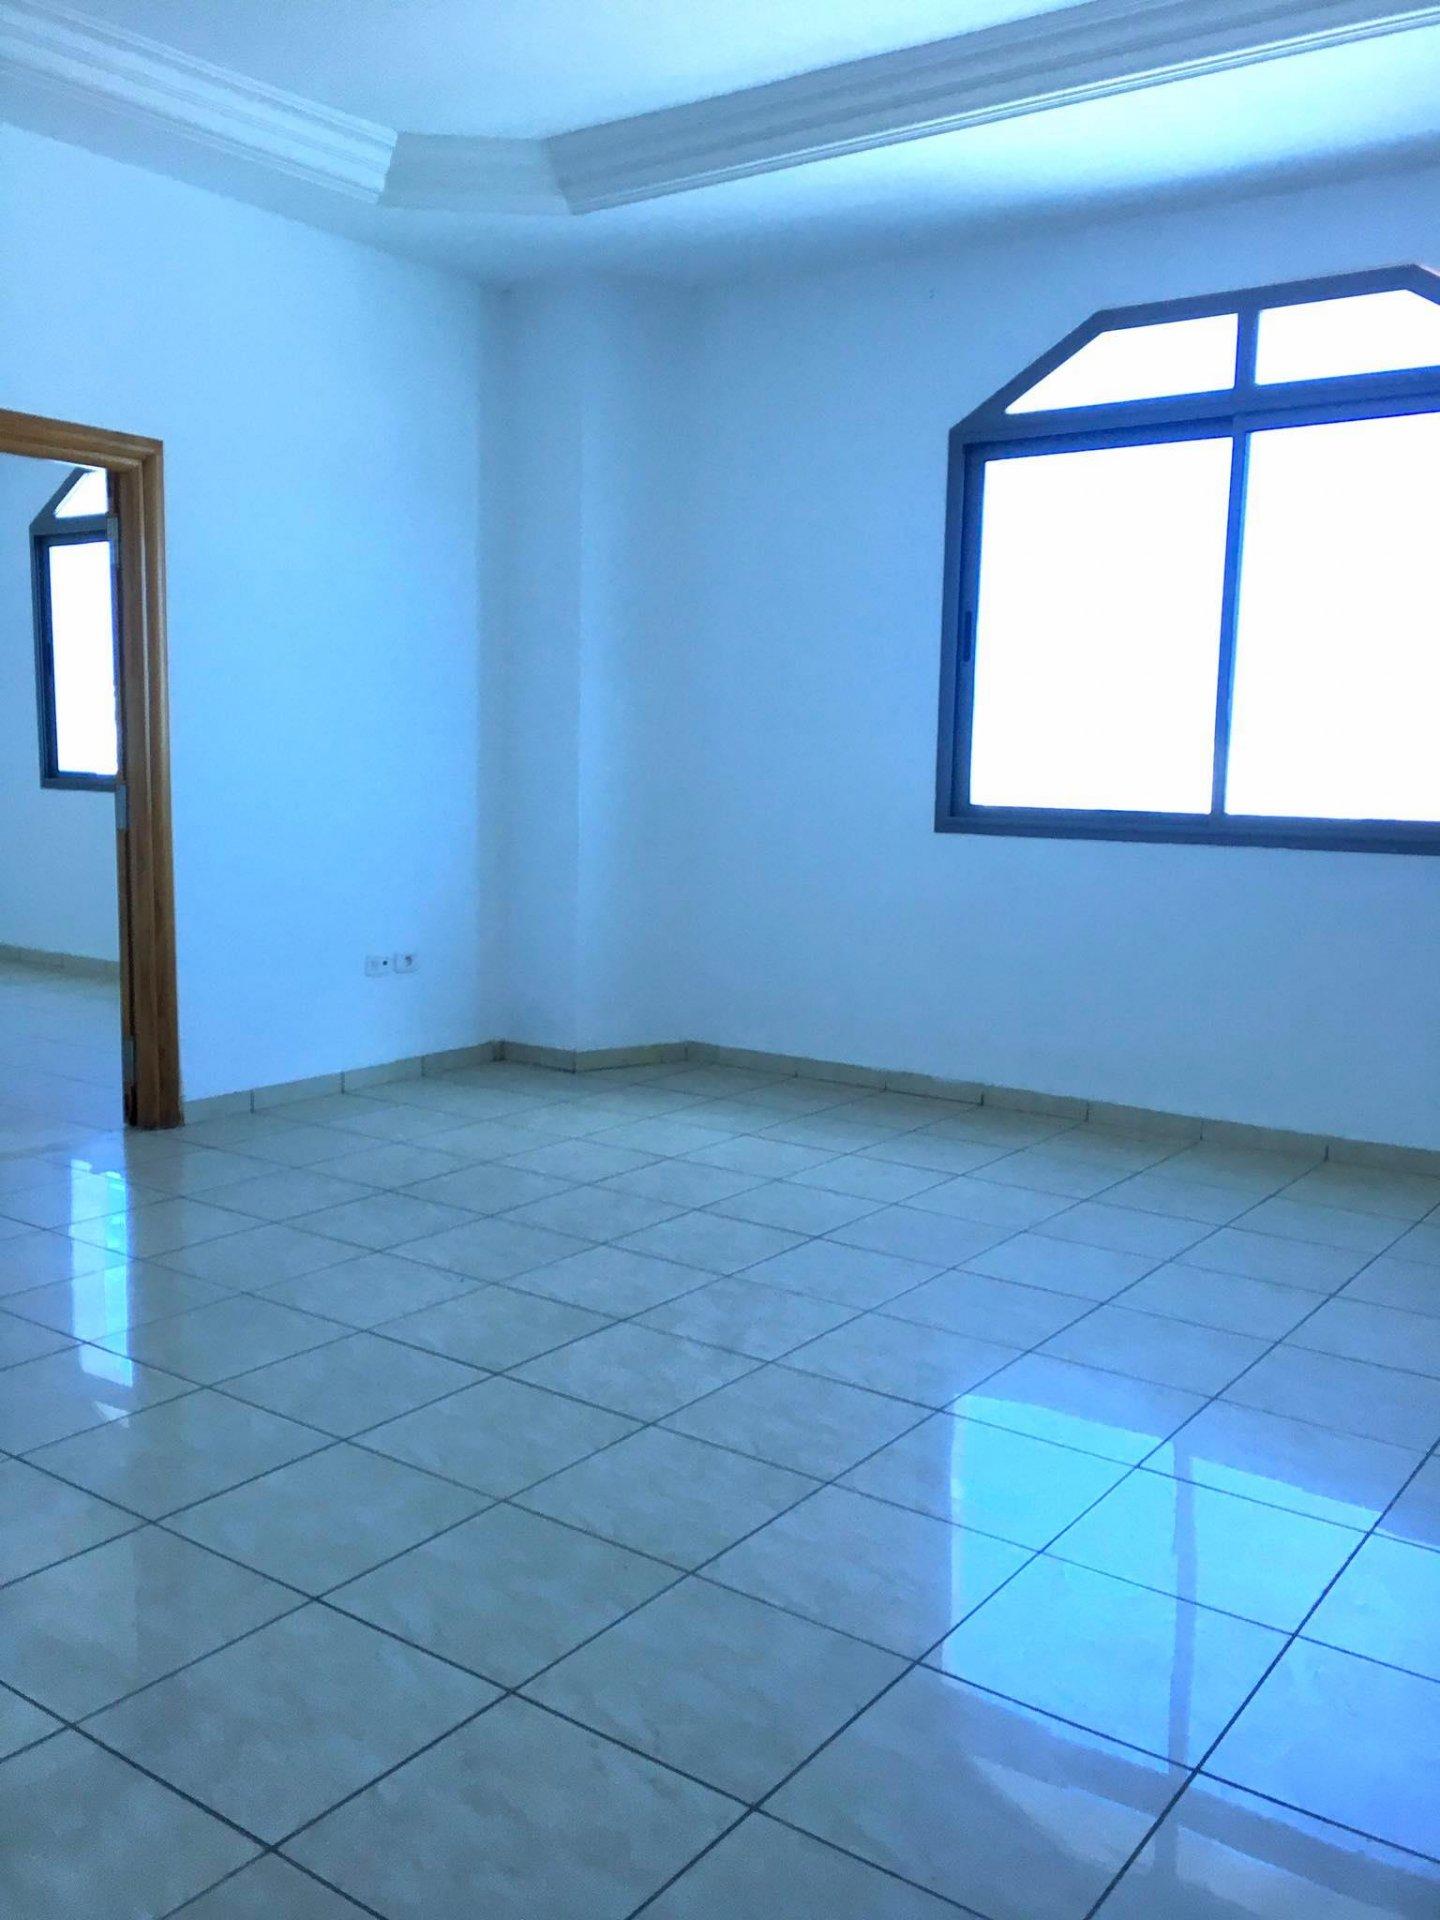 Location Bureau de 4 pièces 100 m² à La Marsa